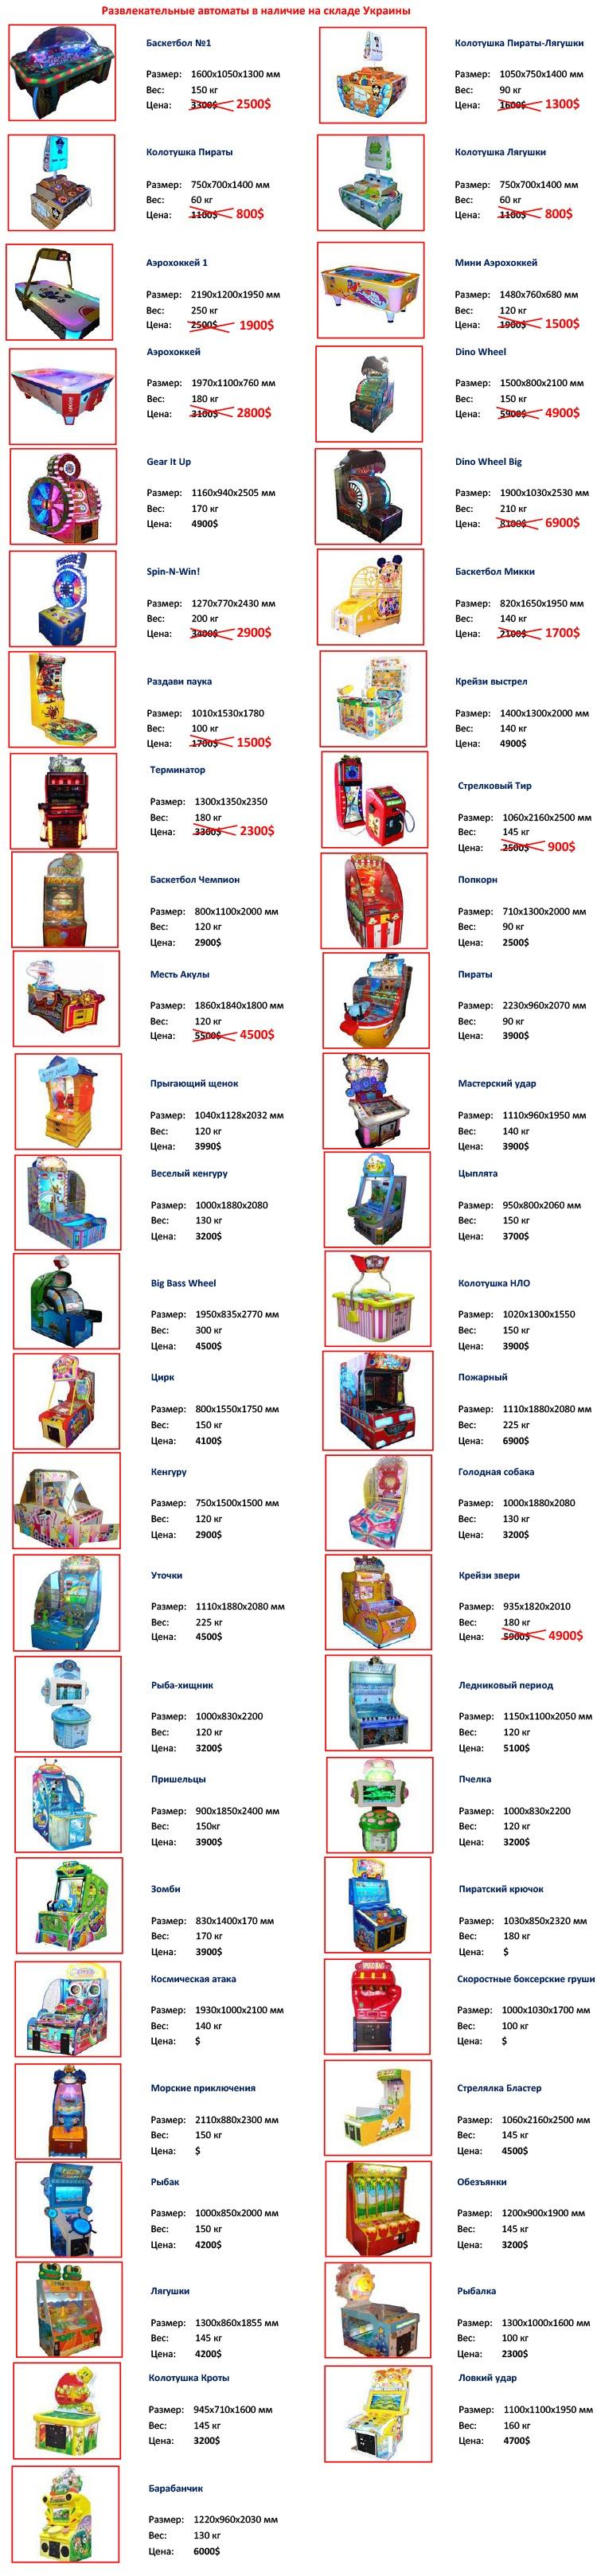 Прайс лист на детские автоматы развлекательные